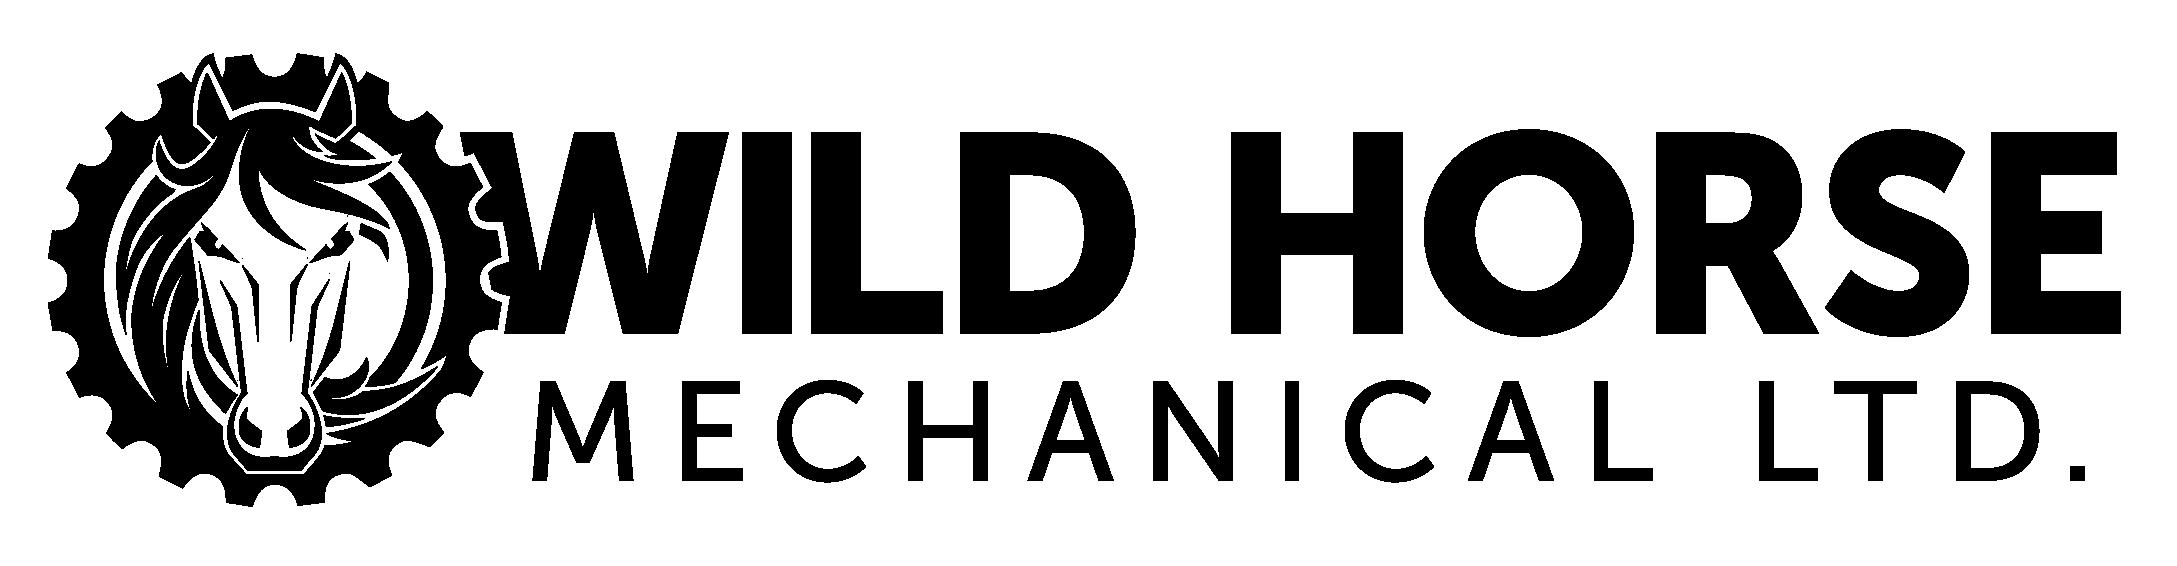 logo-horizontal-01